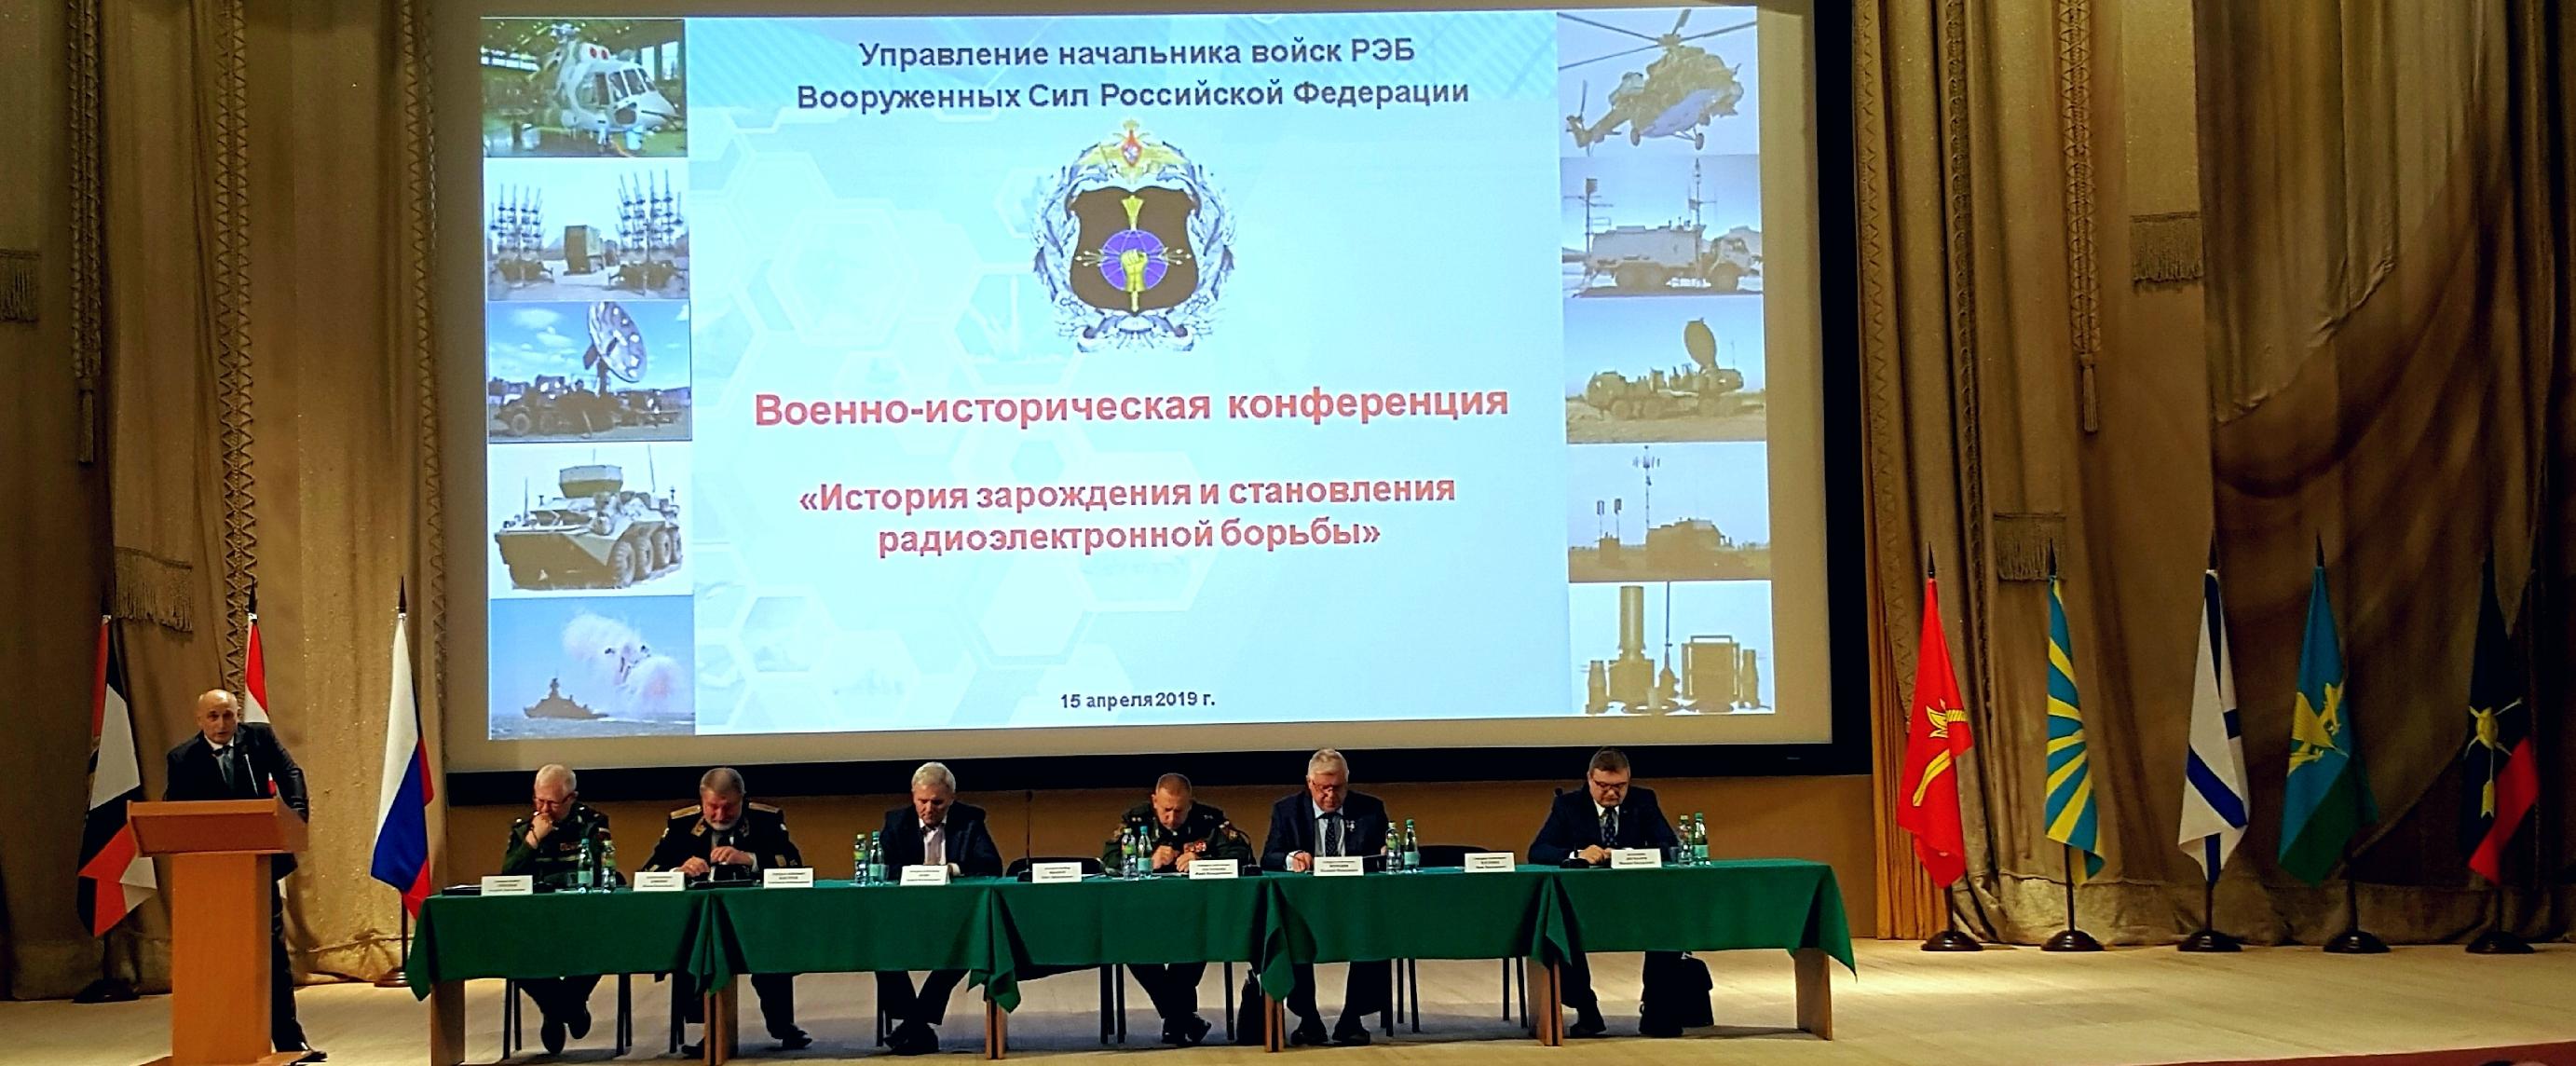 reb_115 - Конференция к 115-летию РЭБ